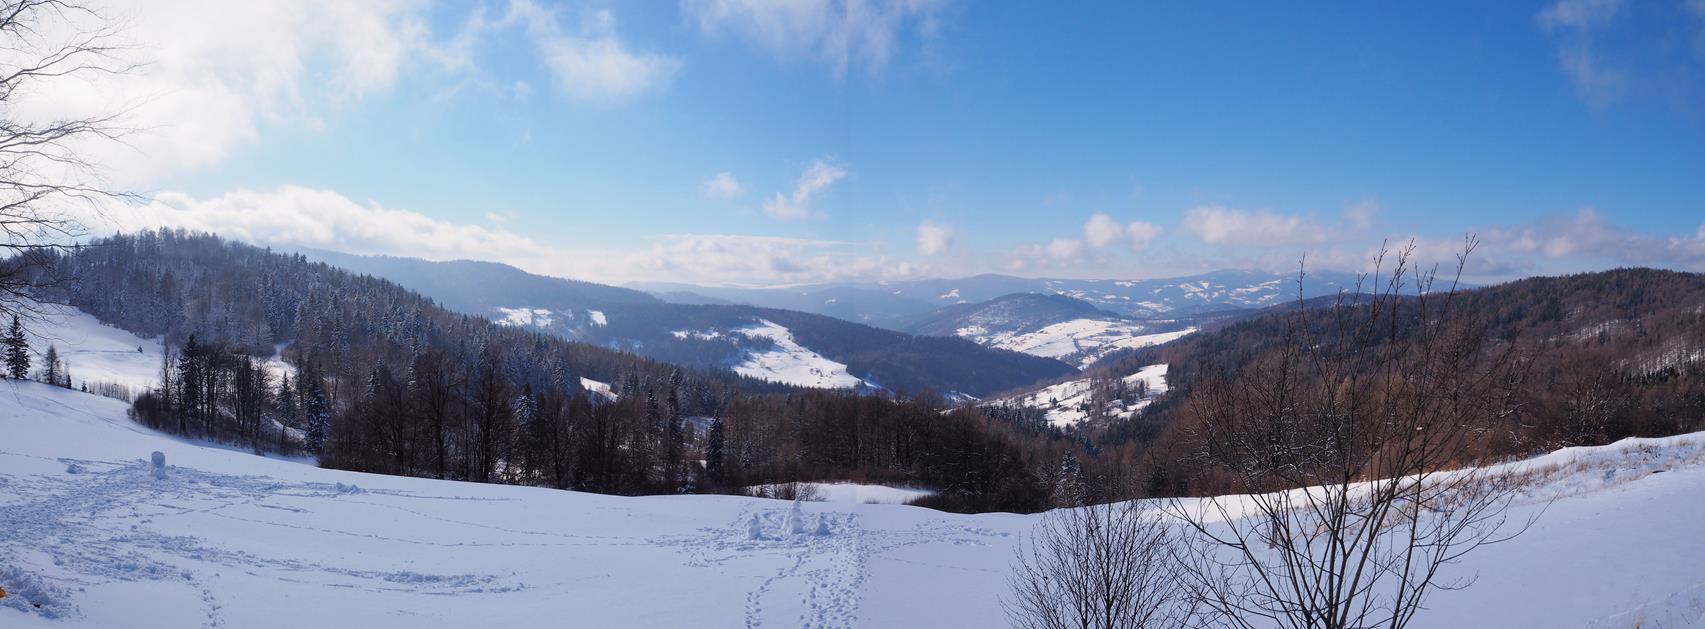 Zimowa panorama spod Bacówki. Niestety chmury przysłoniły Tatry.